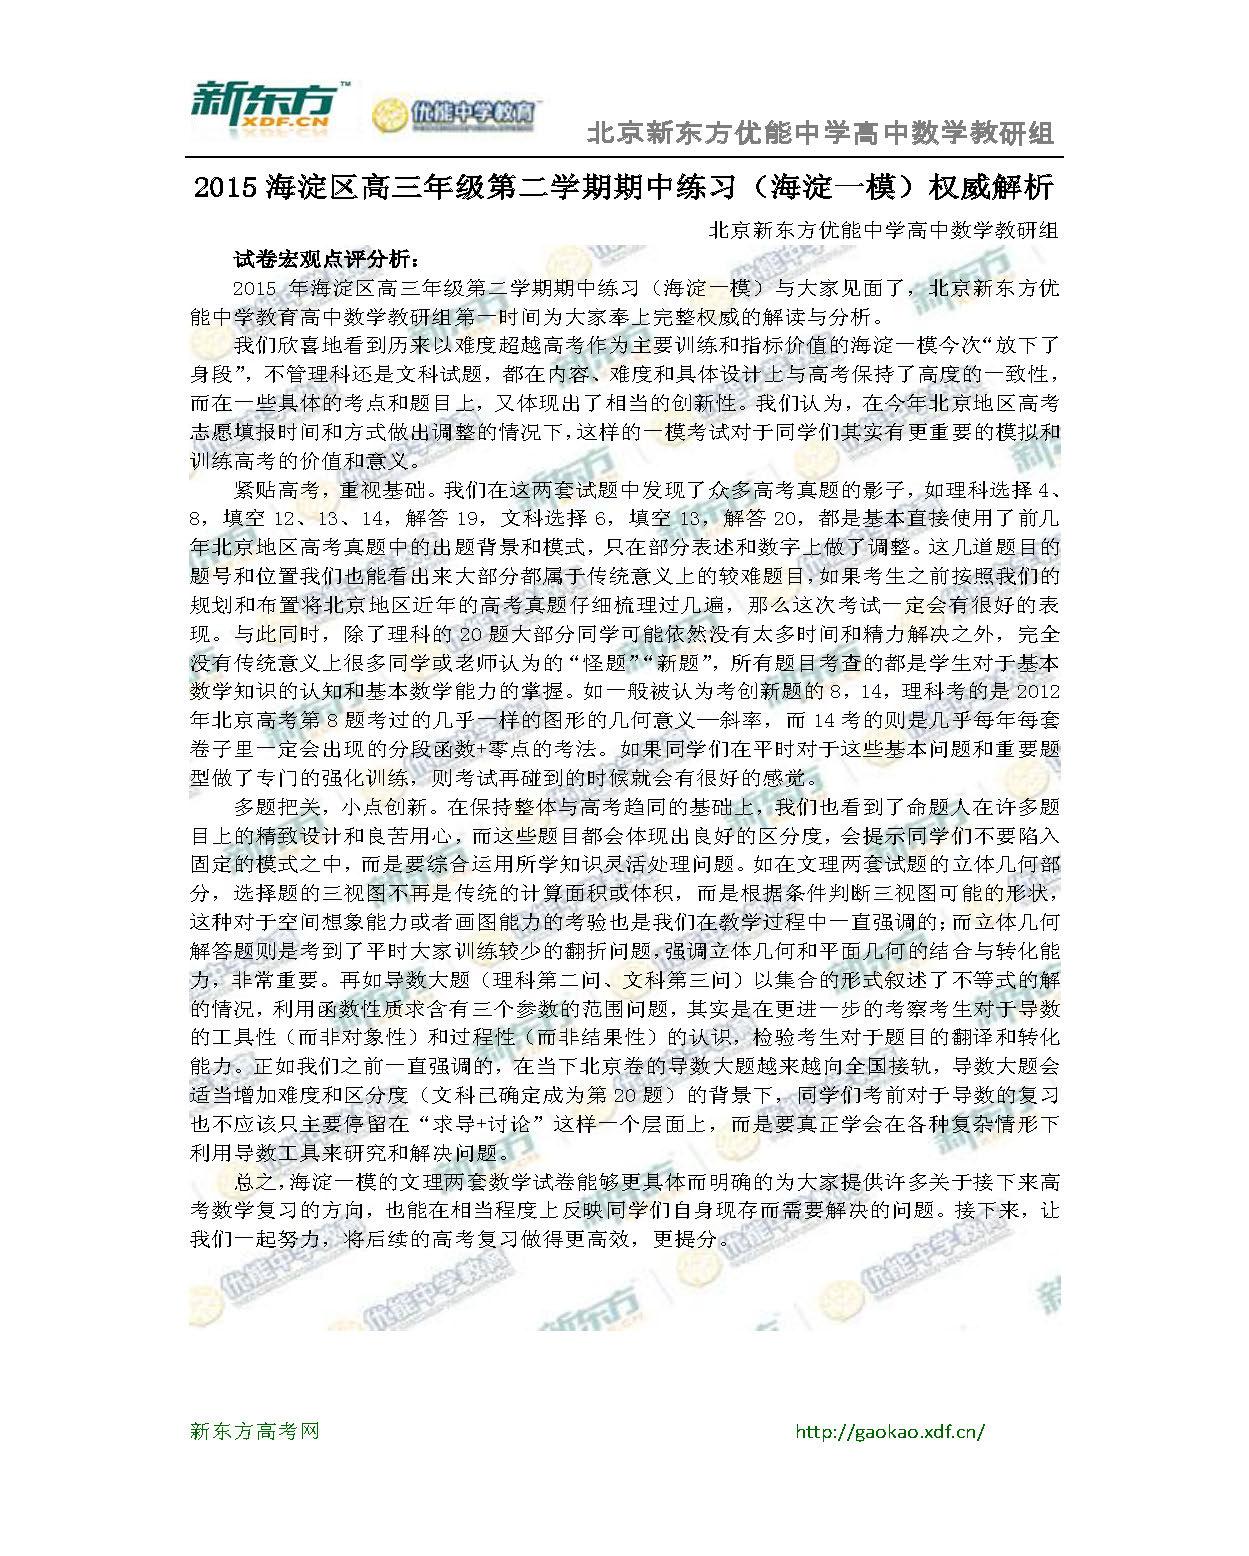 2015海淀一模数学 新东方名师权威解析